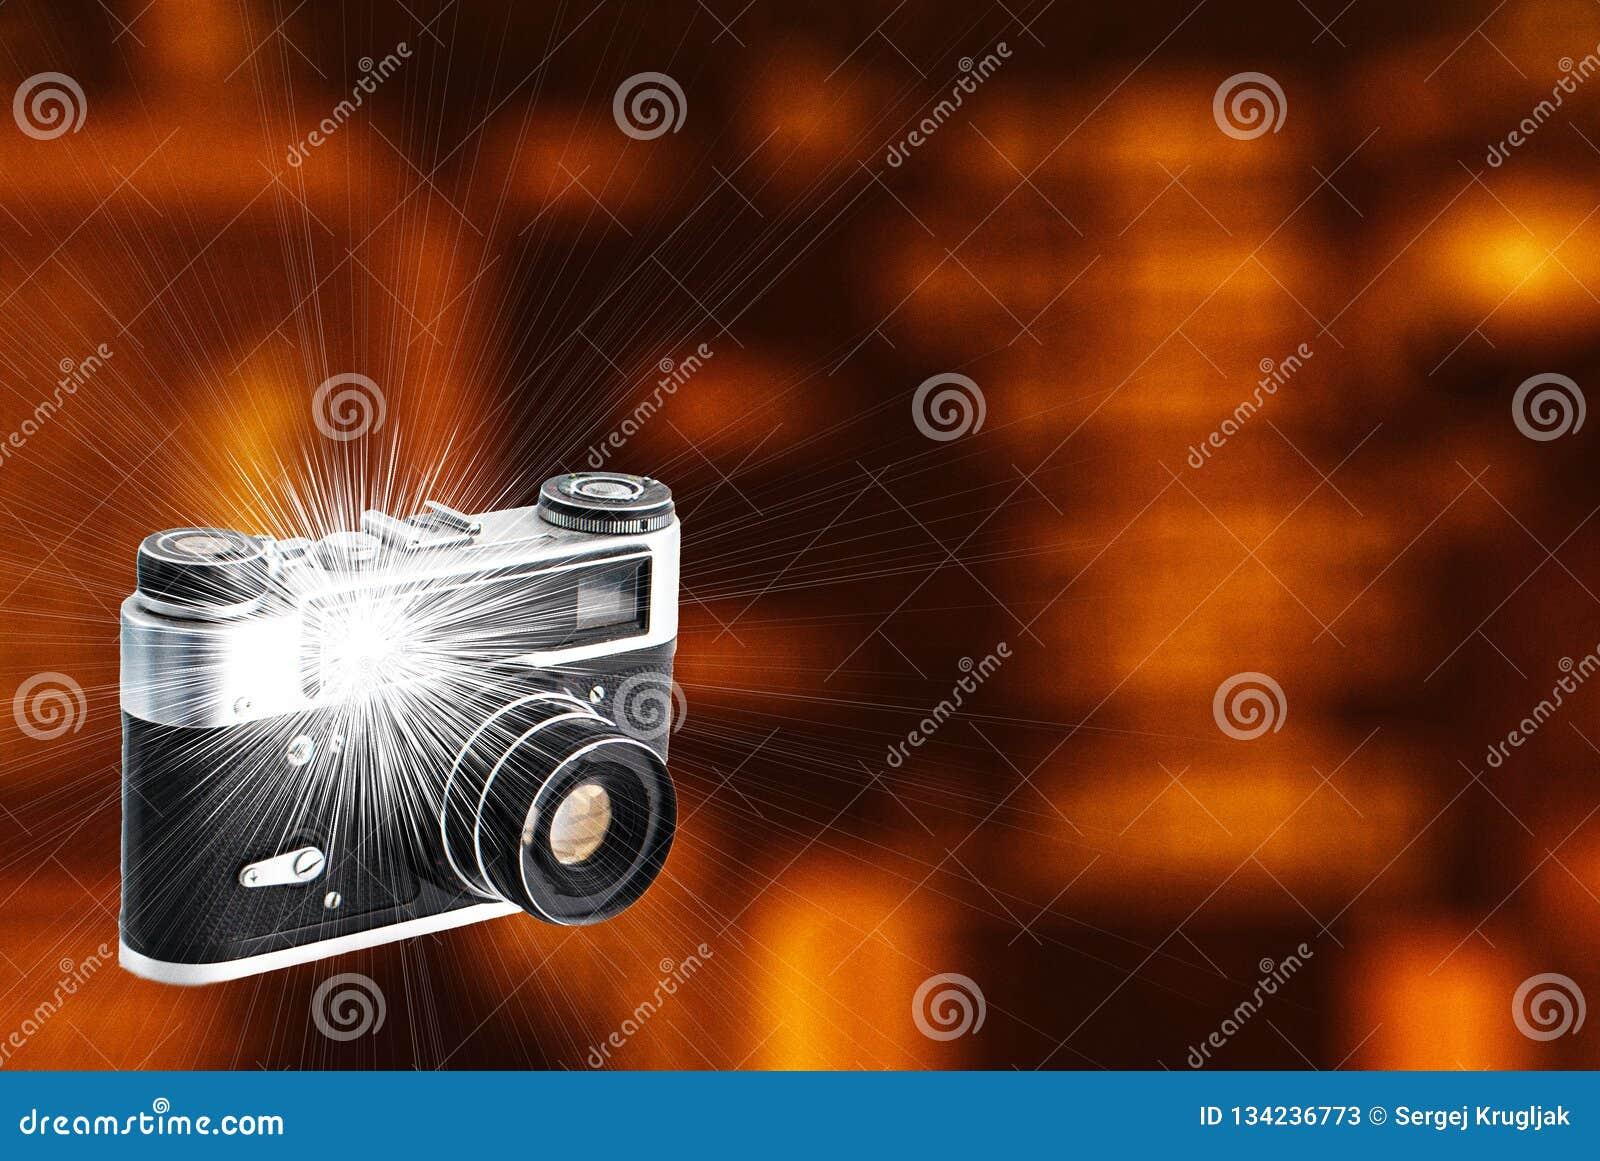 Retro kamera med en inbyggd exponering och en härlig bakgrund